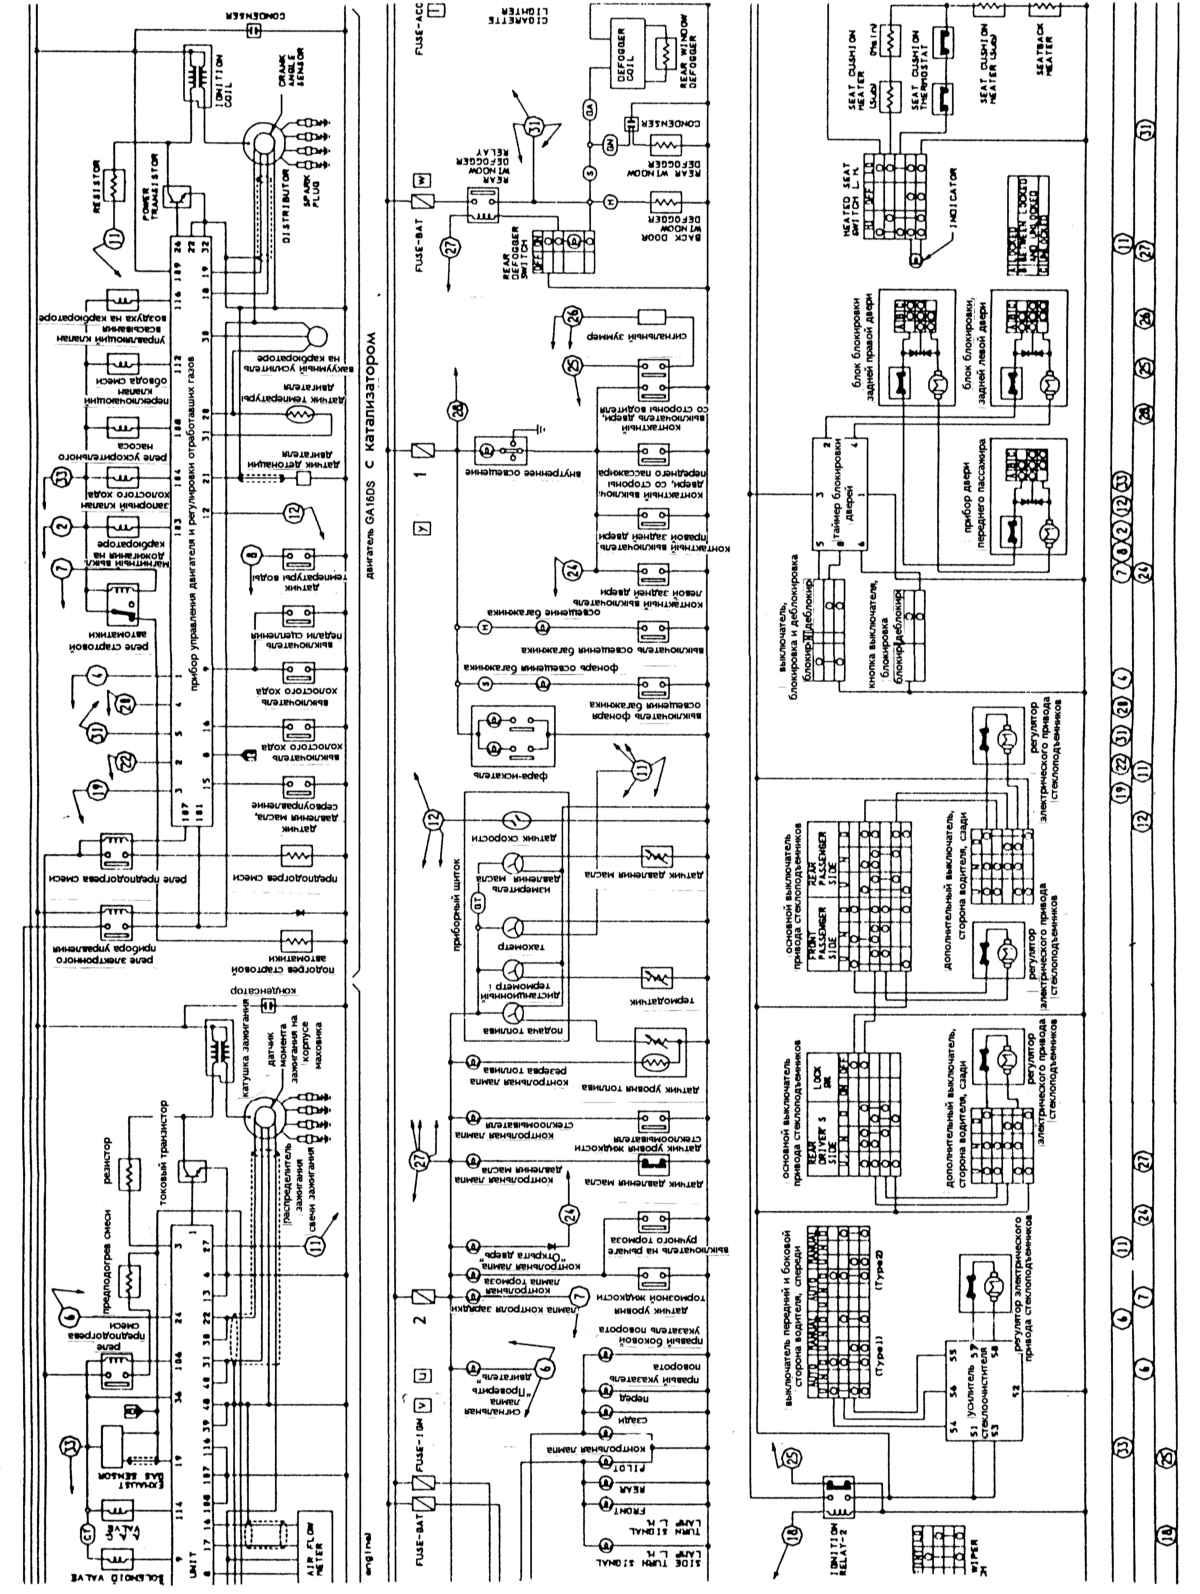 Пояснительные замечания к схемам электрических соединений.